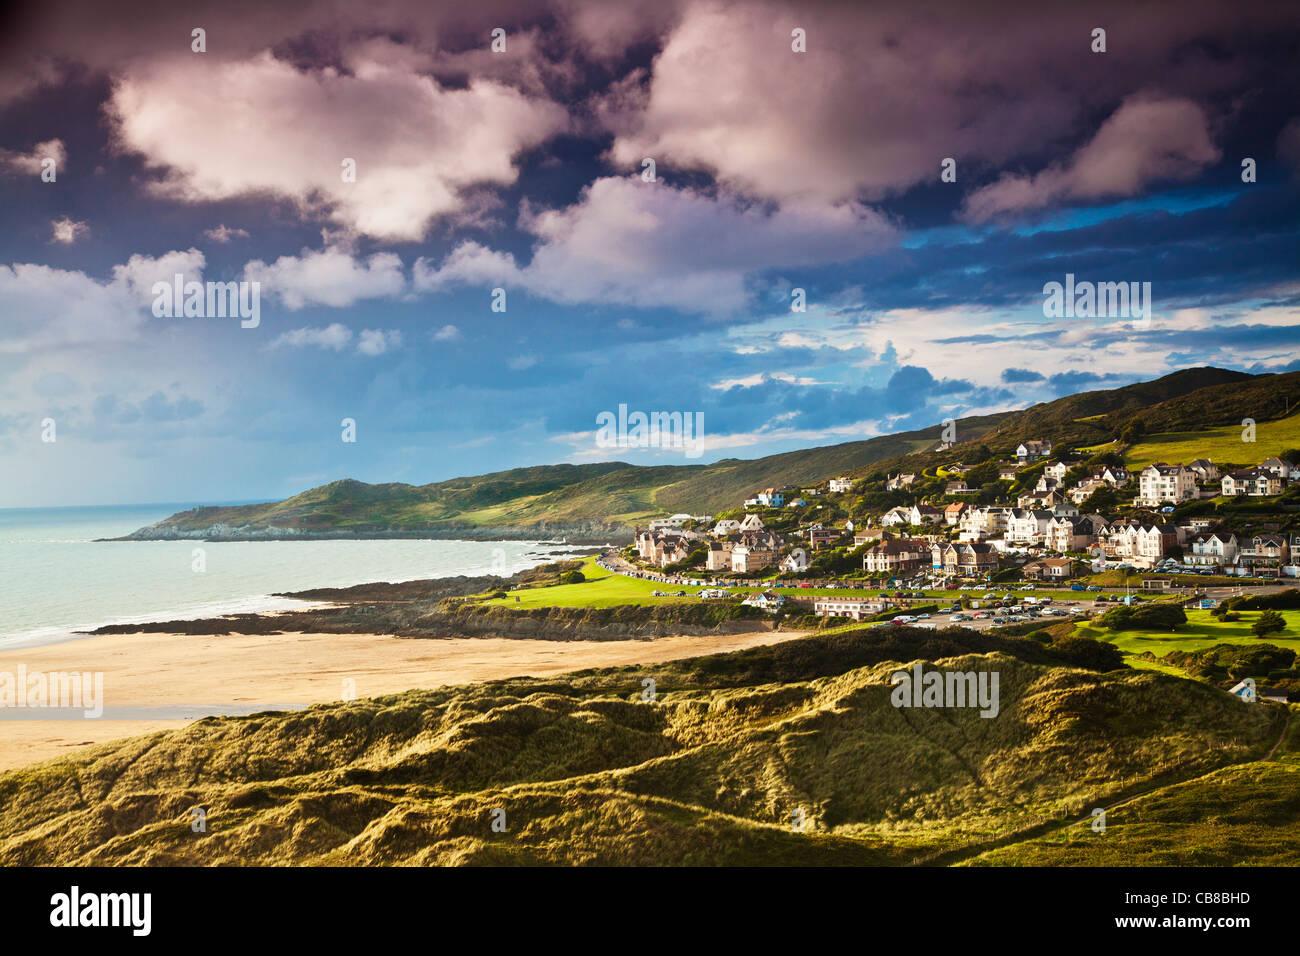 Abendlicht fällt auf den englischen Küstenort Stadt von Woolacombe in Devon, England, Vereinigtes Königreich Stockbild